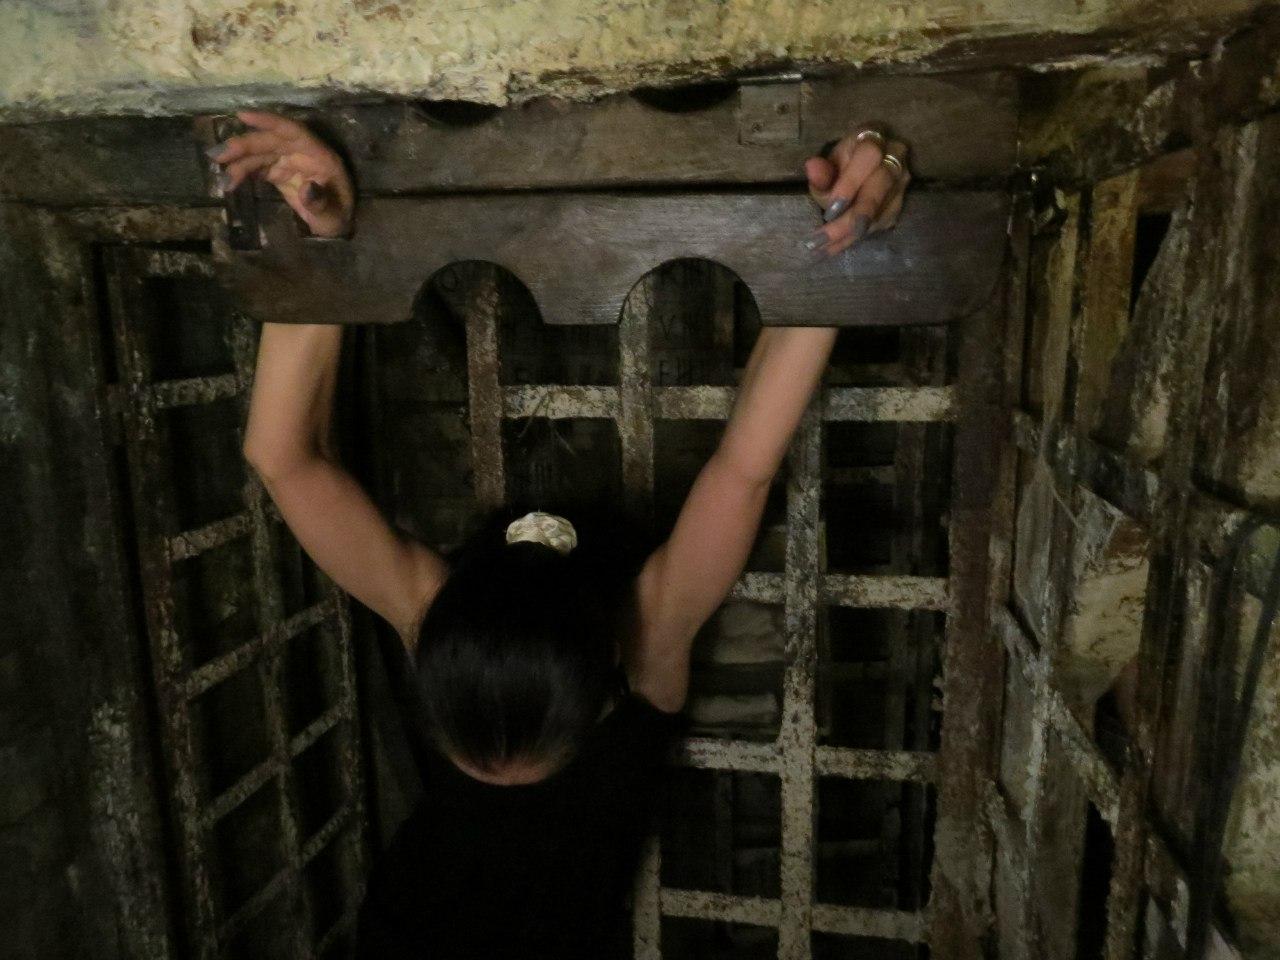 видео заковка в кандалы и наручники ещё,кто решает чья